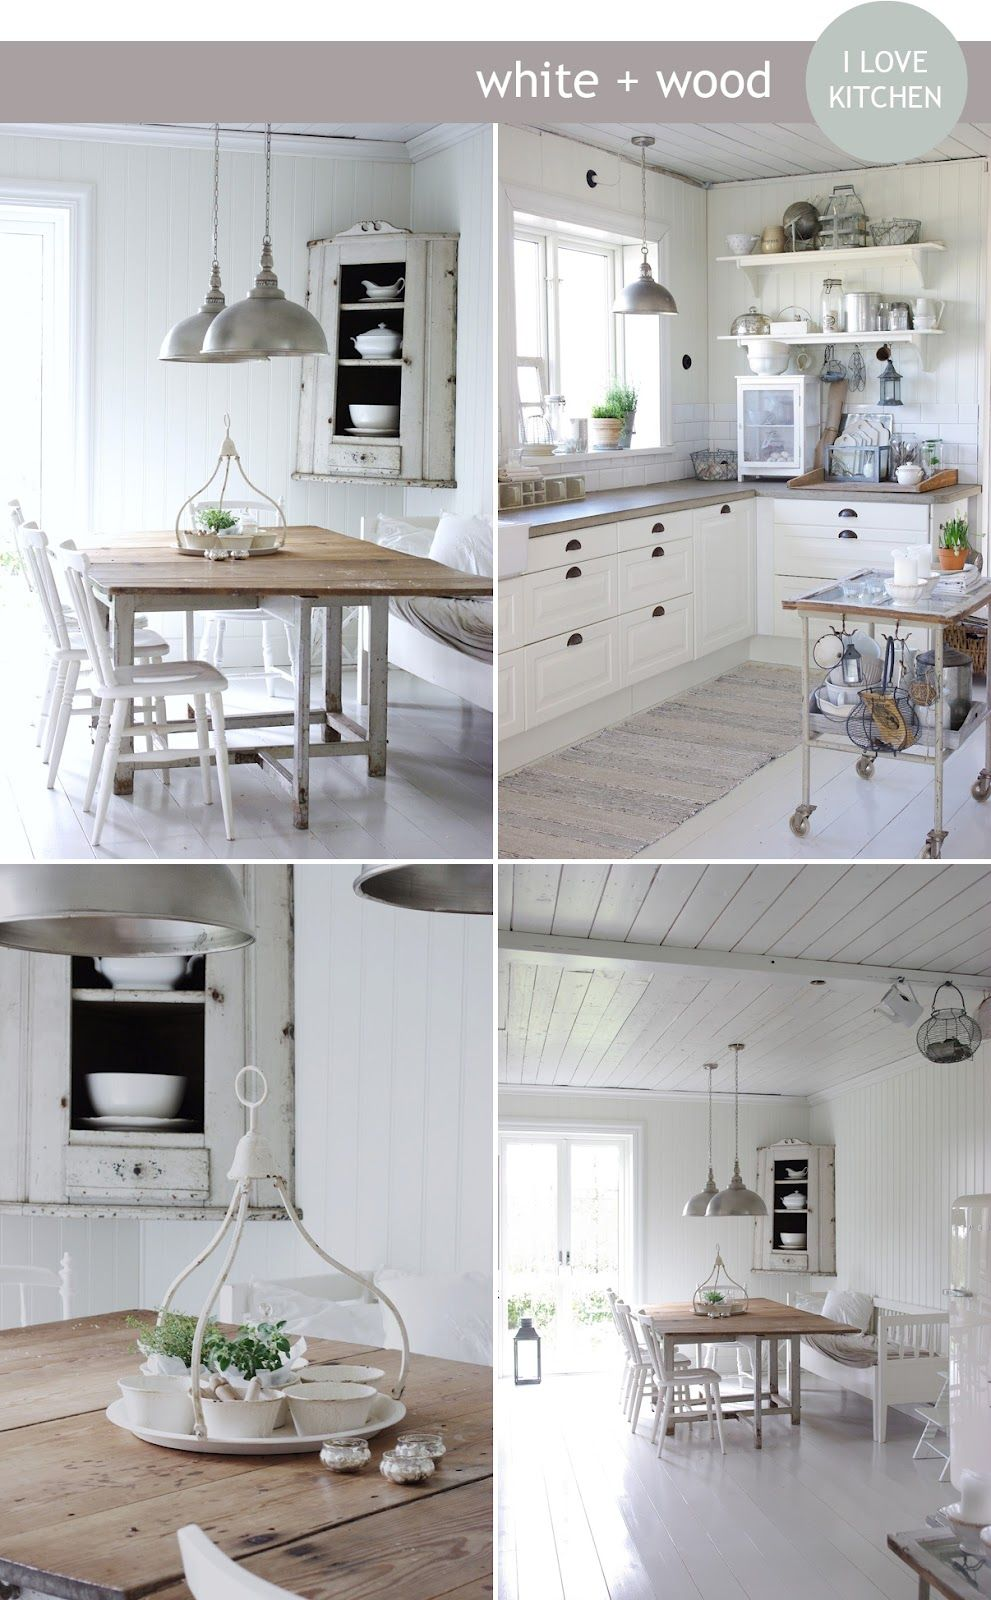 Arredamento Cucina Stile Nordico stile nordico: semplice e originale (con immagini